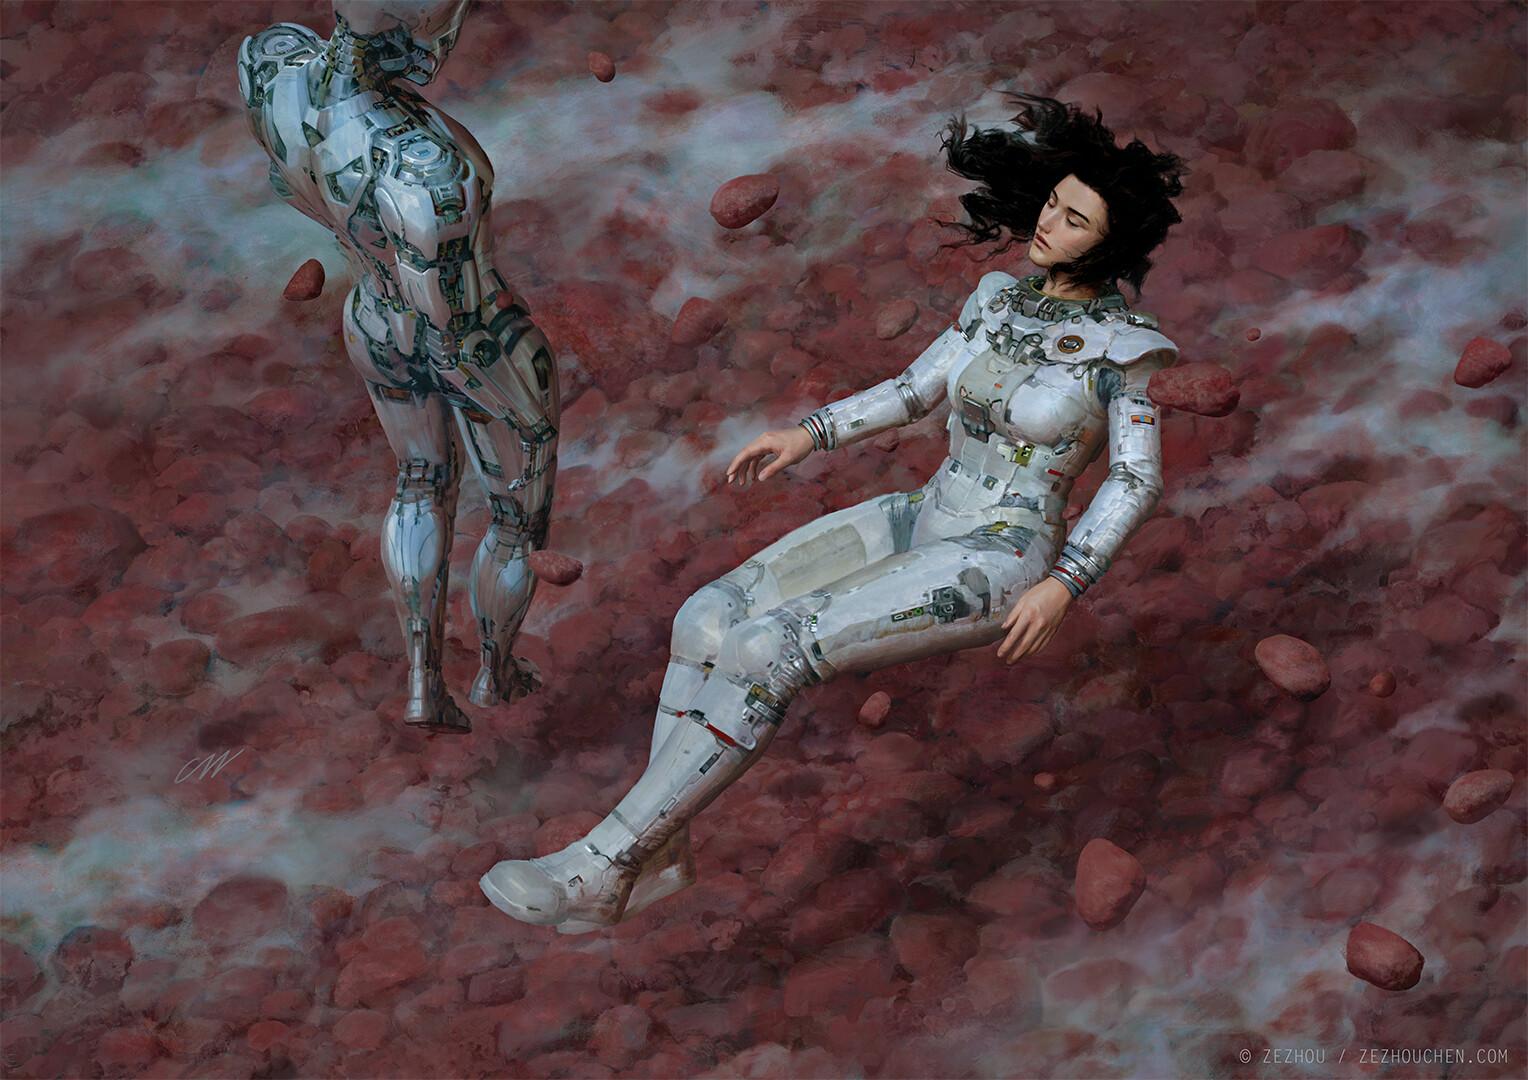 The Sci-Fi & Fantasy Art of Zezhou Chen